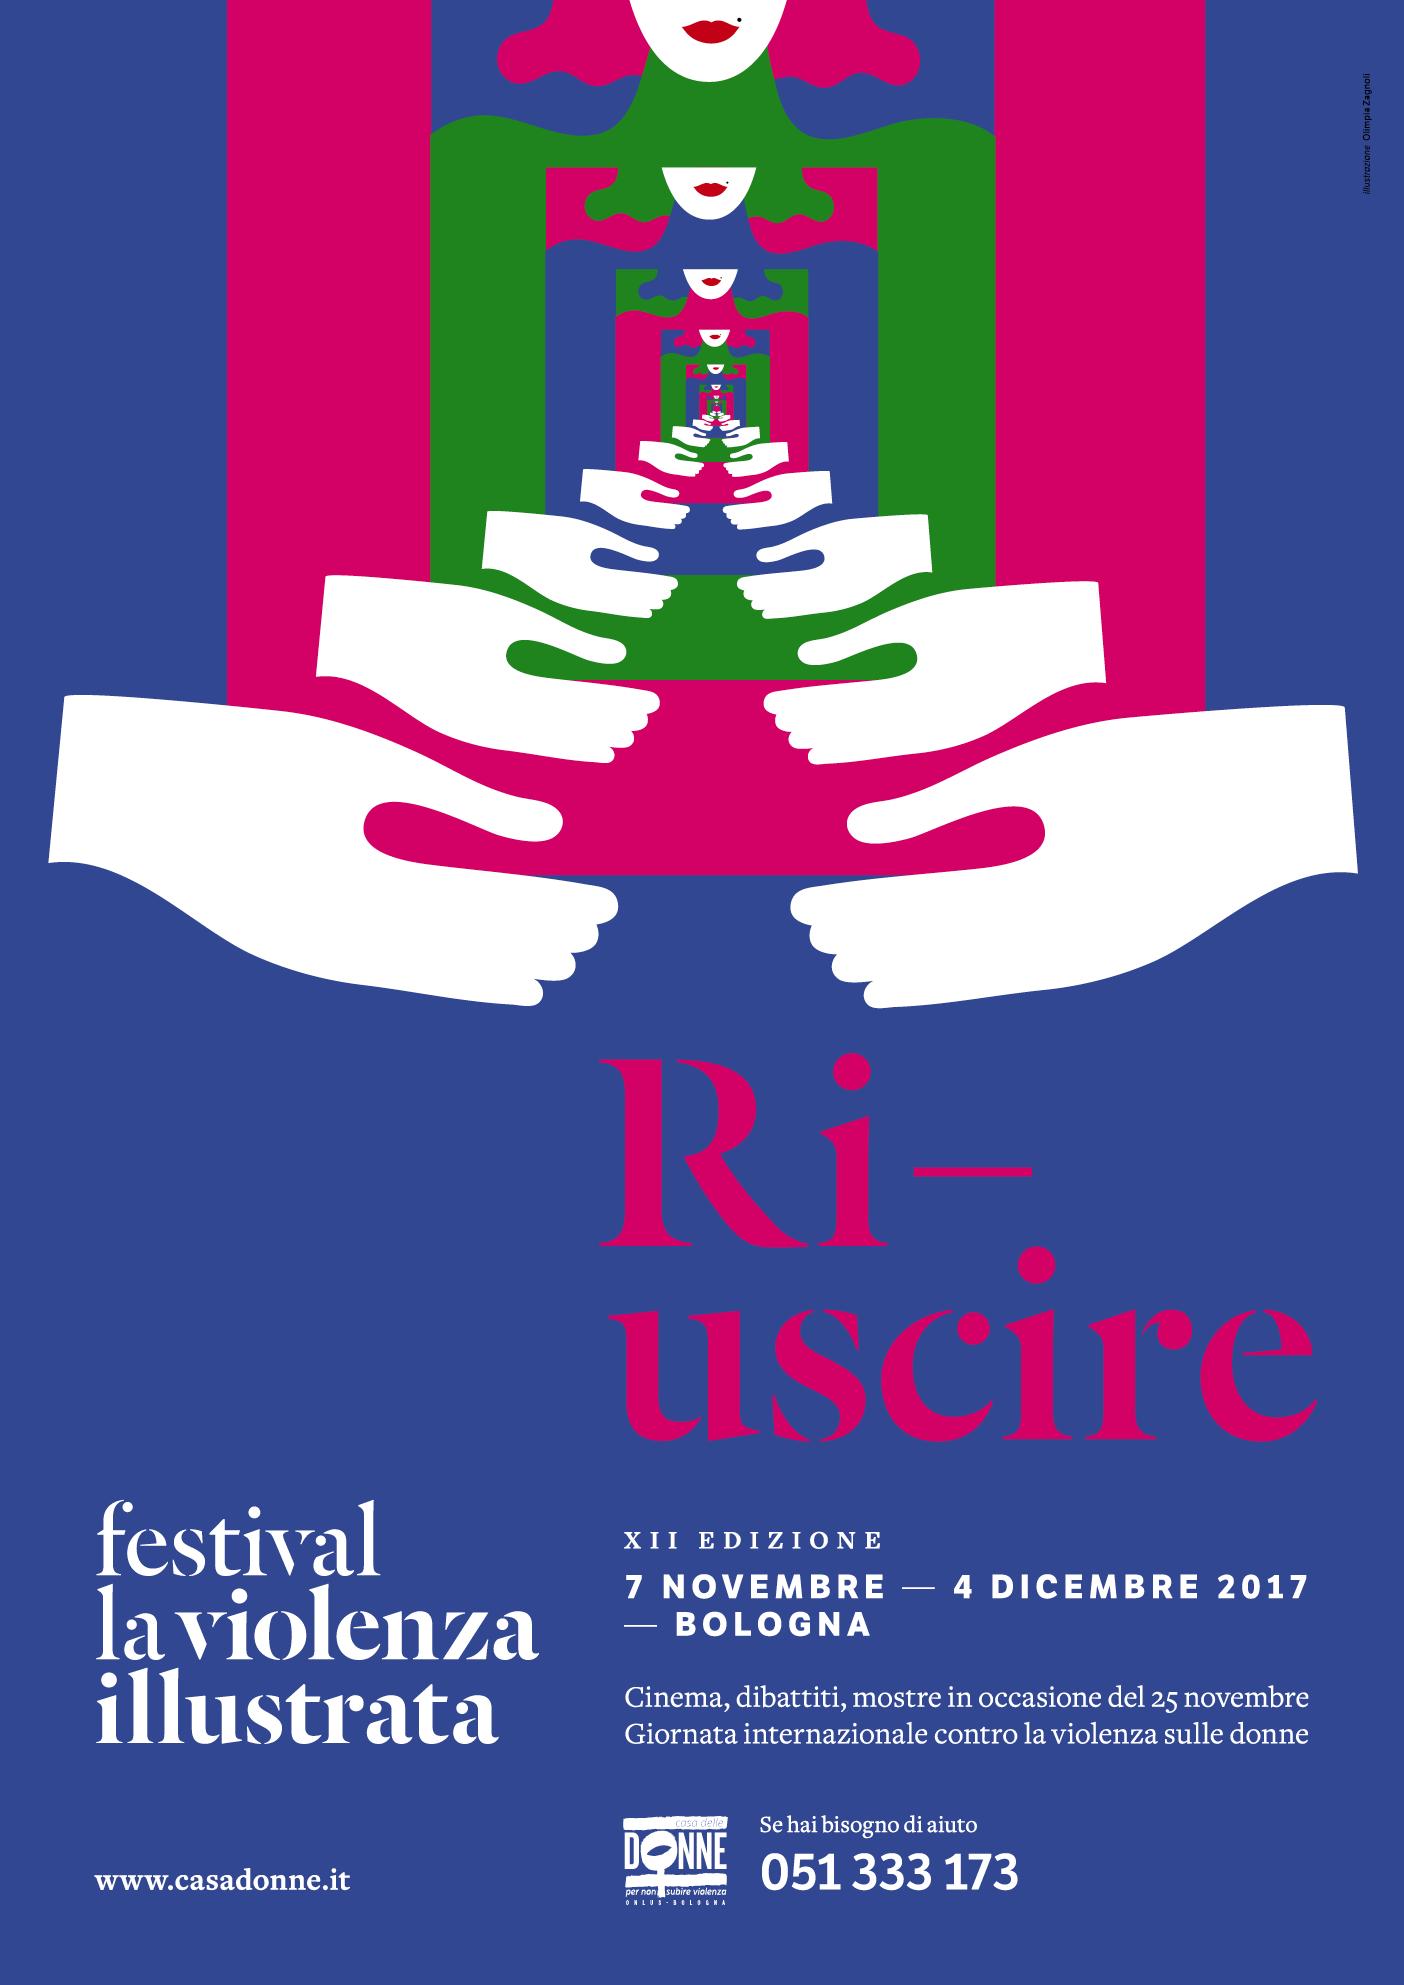 Festival La violenza illustrata 2017 RI-USCIRE